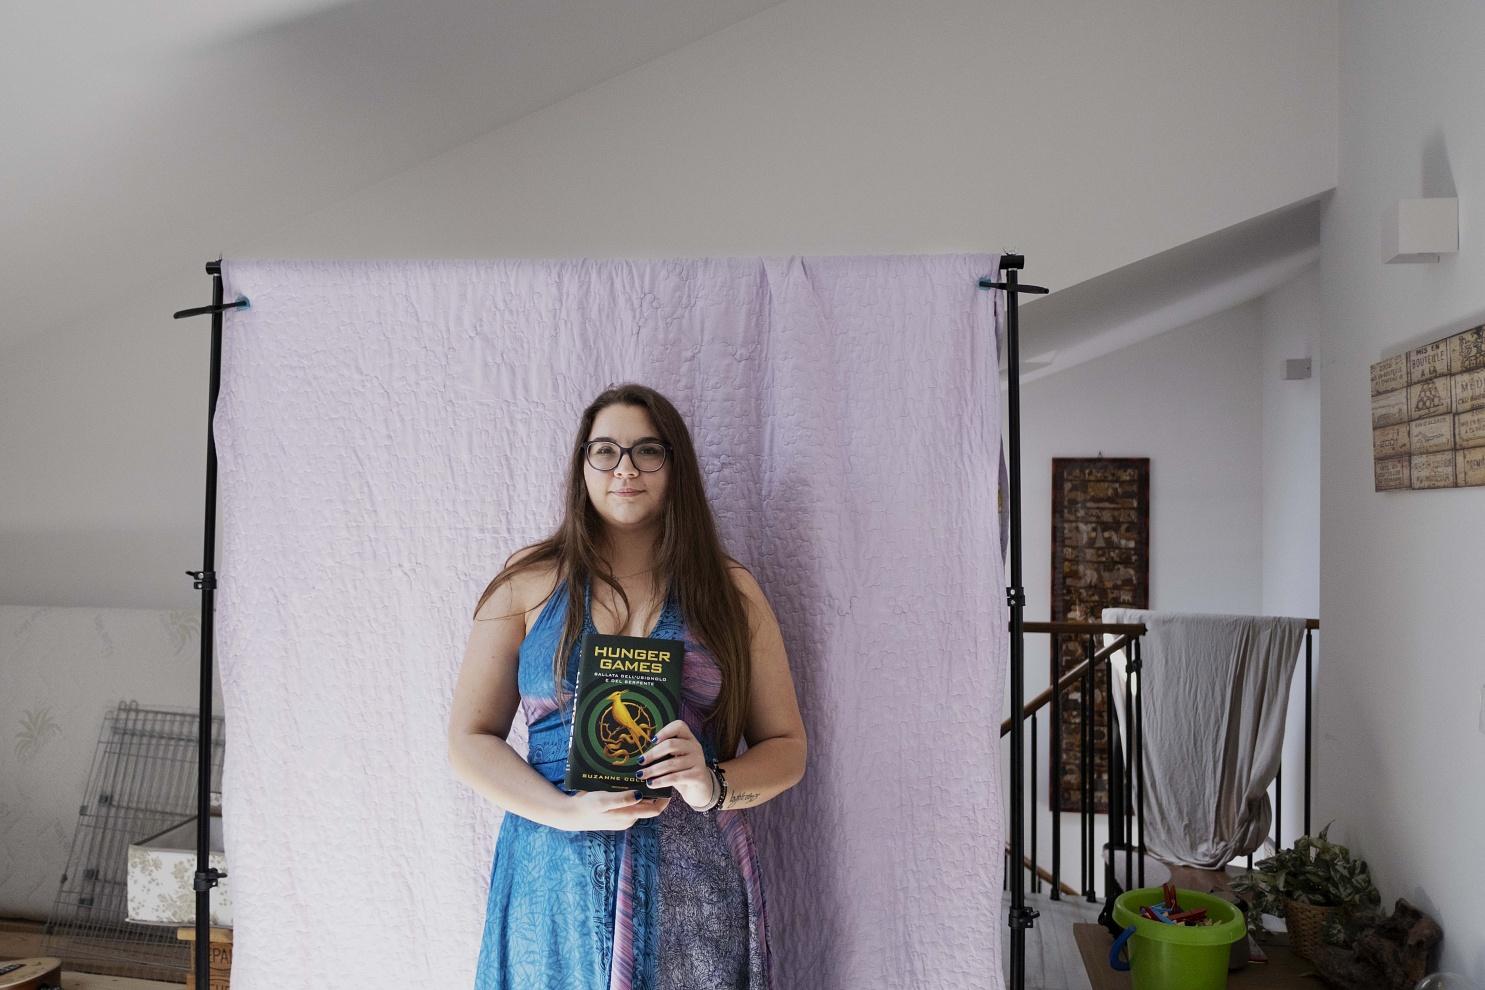 Serena Sangiuliano, 19 anni, Tribiano (MI) - Durante il lockdown ha scelto di acquistare l'ultimo libro uscito di una saga che segue da sempre.